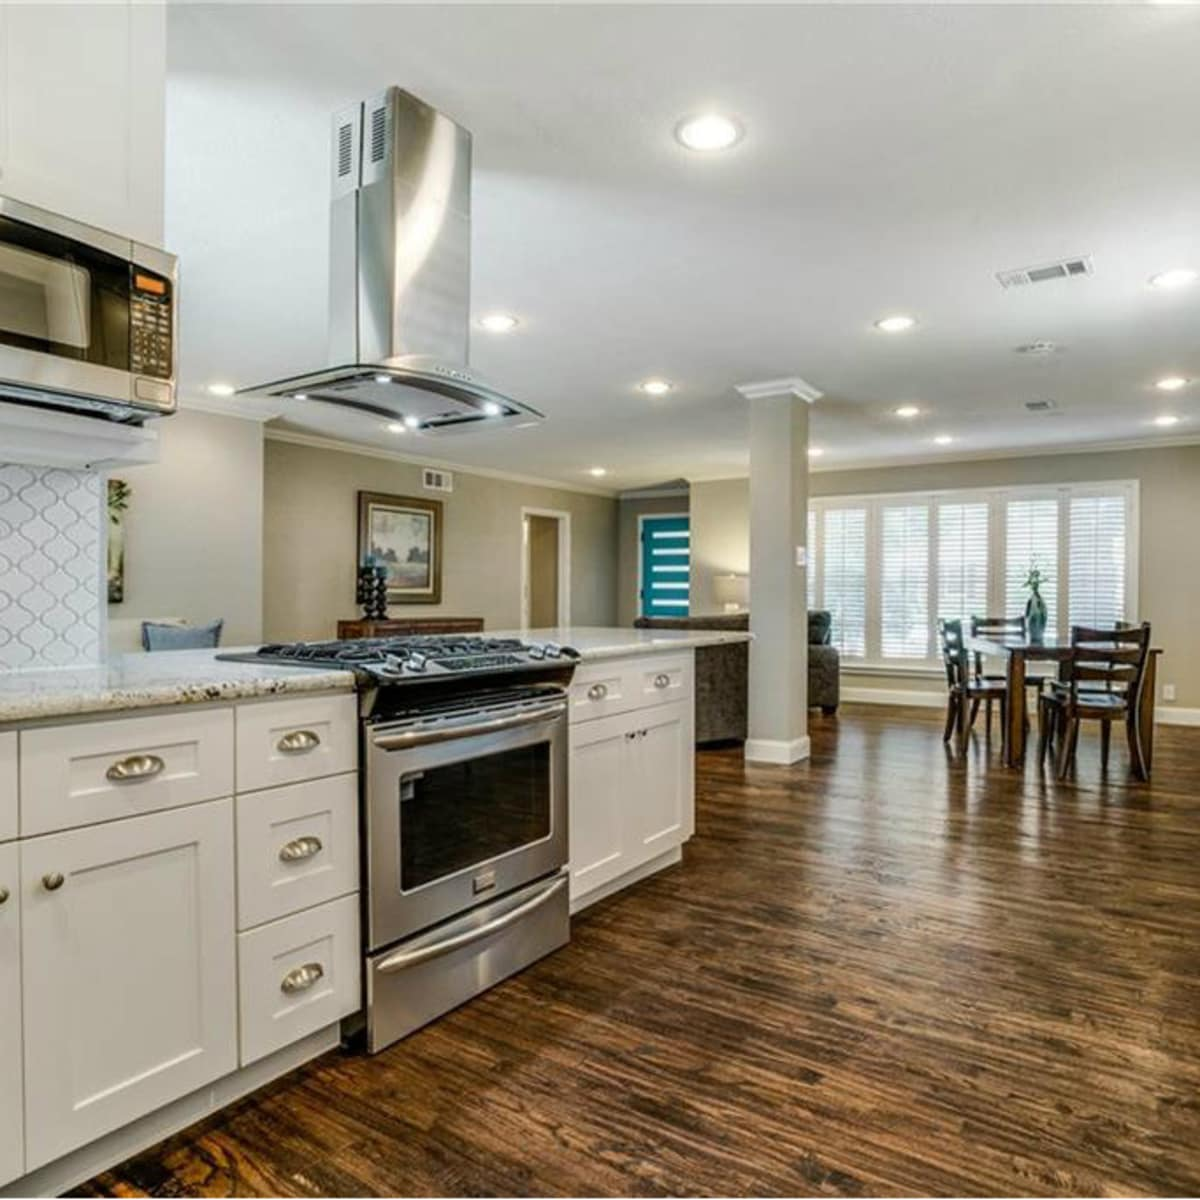 11229 Lanewood Cir kitchen